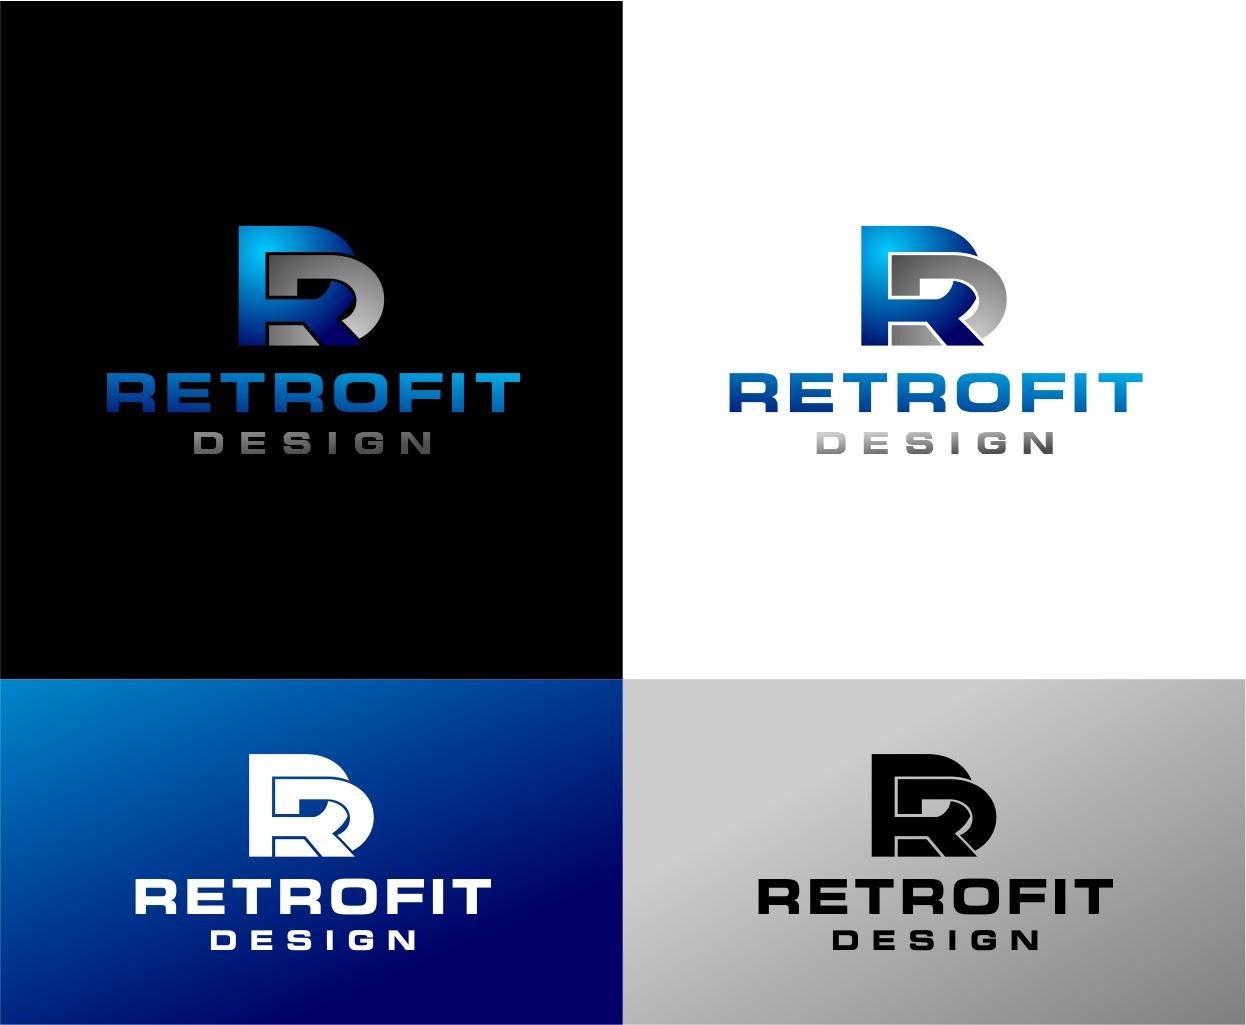 Logo Design by haidu - Entry No. 161 in the Logo Design Contest Inspiring Logo Design for retrofit design.